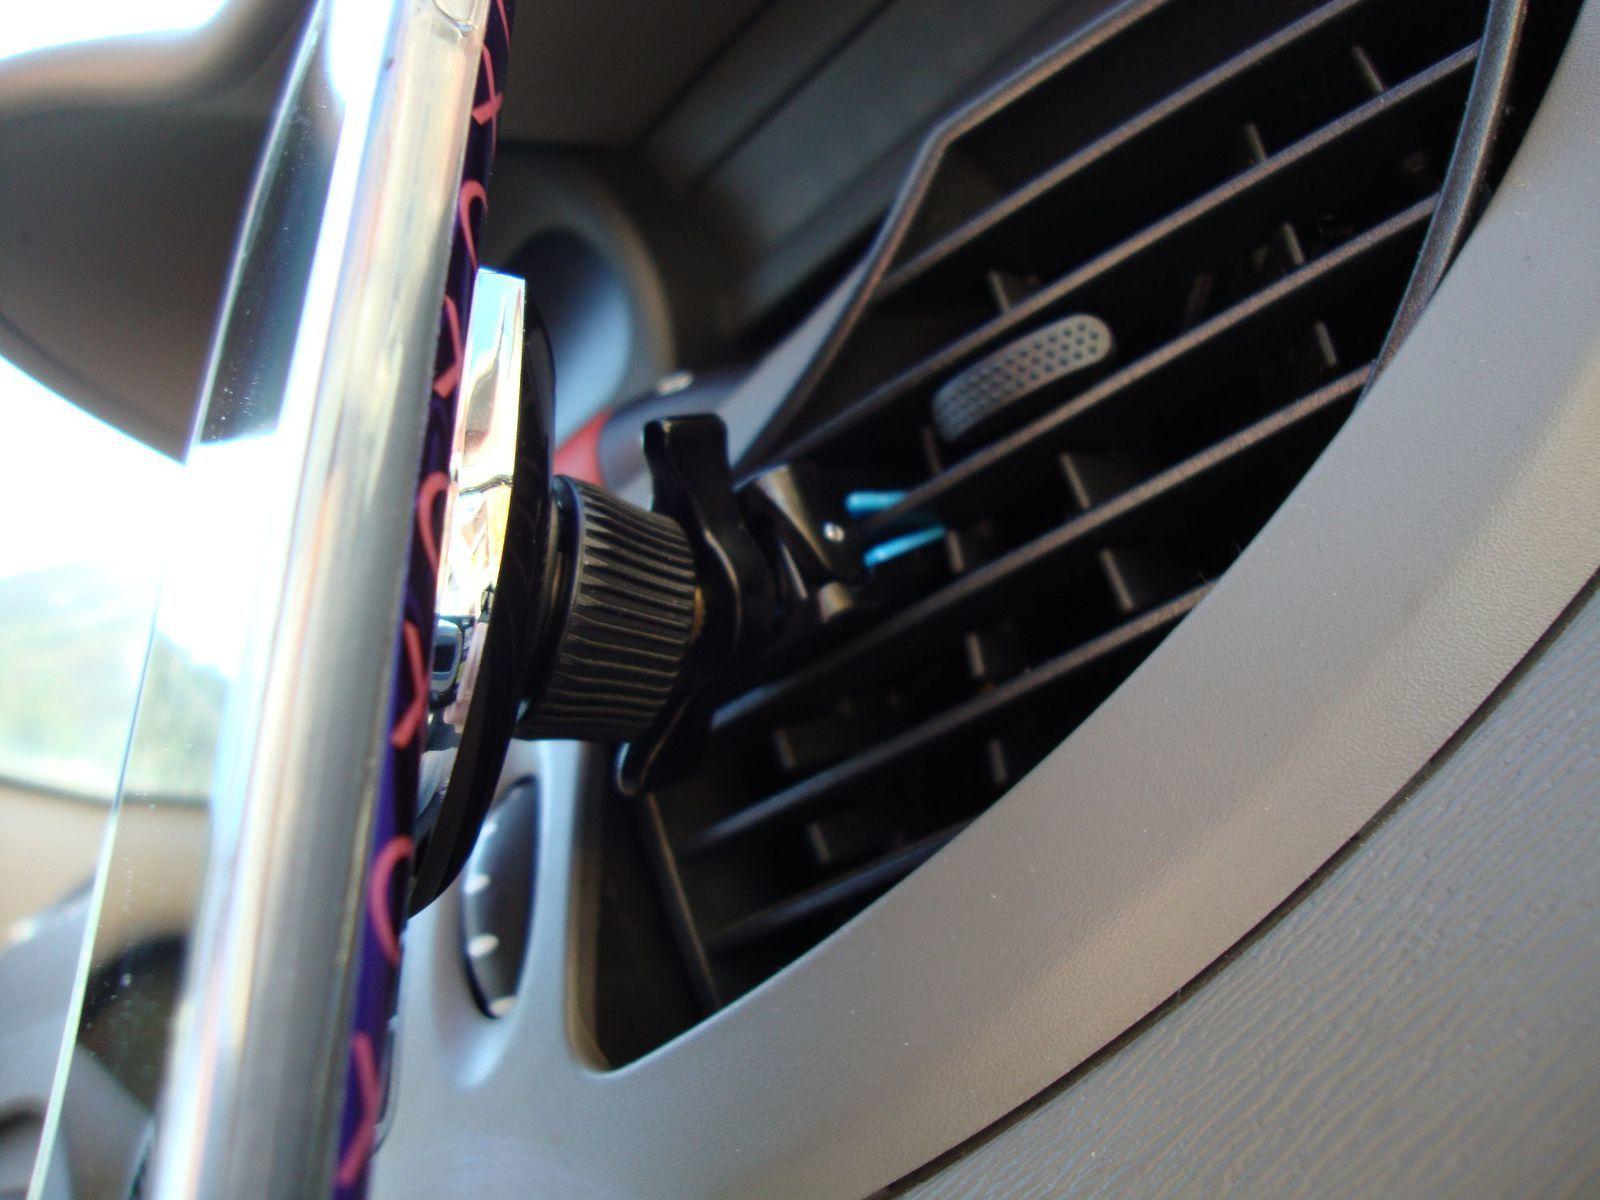 Le support de voiture magnétique Brainwizz, la pince bloquée et le support est opérationnel ...